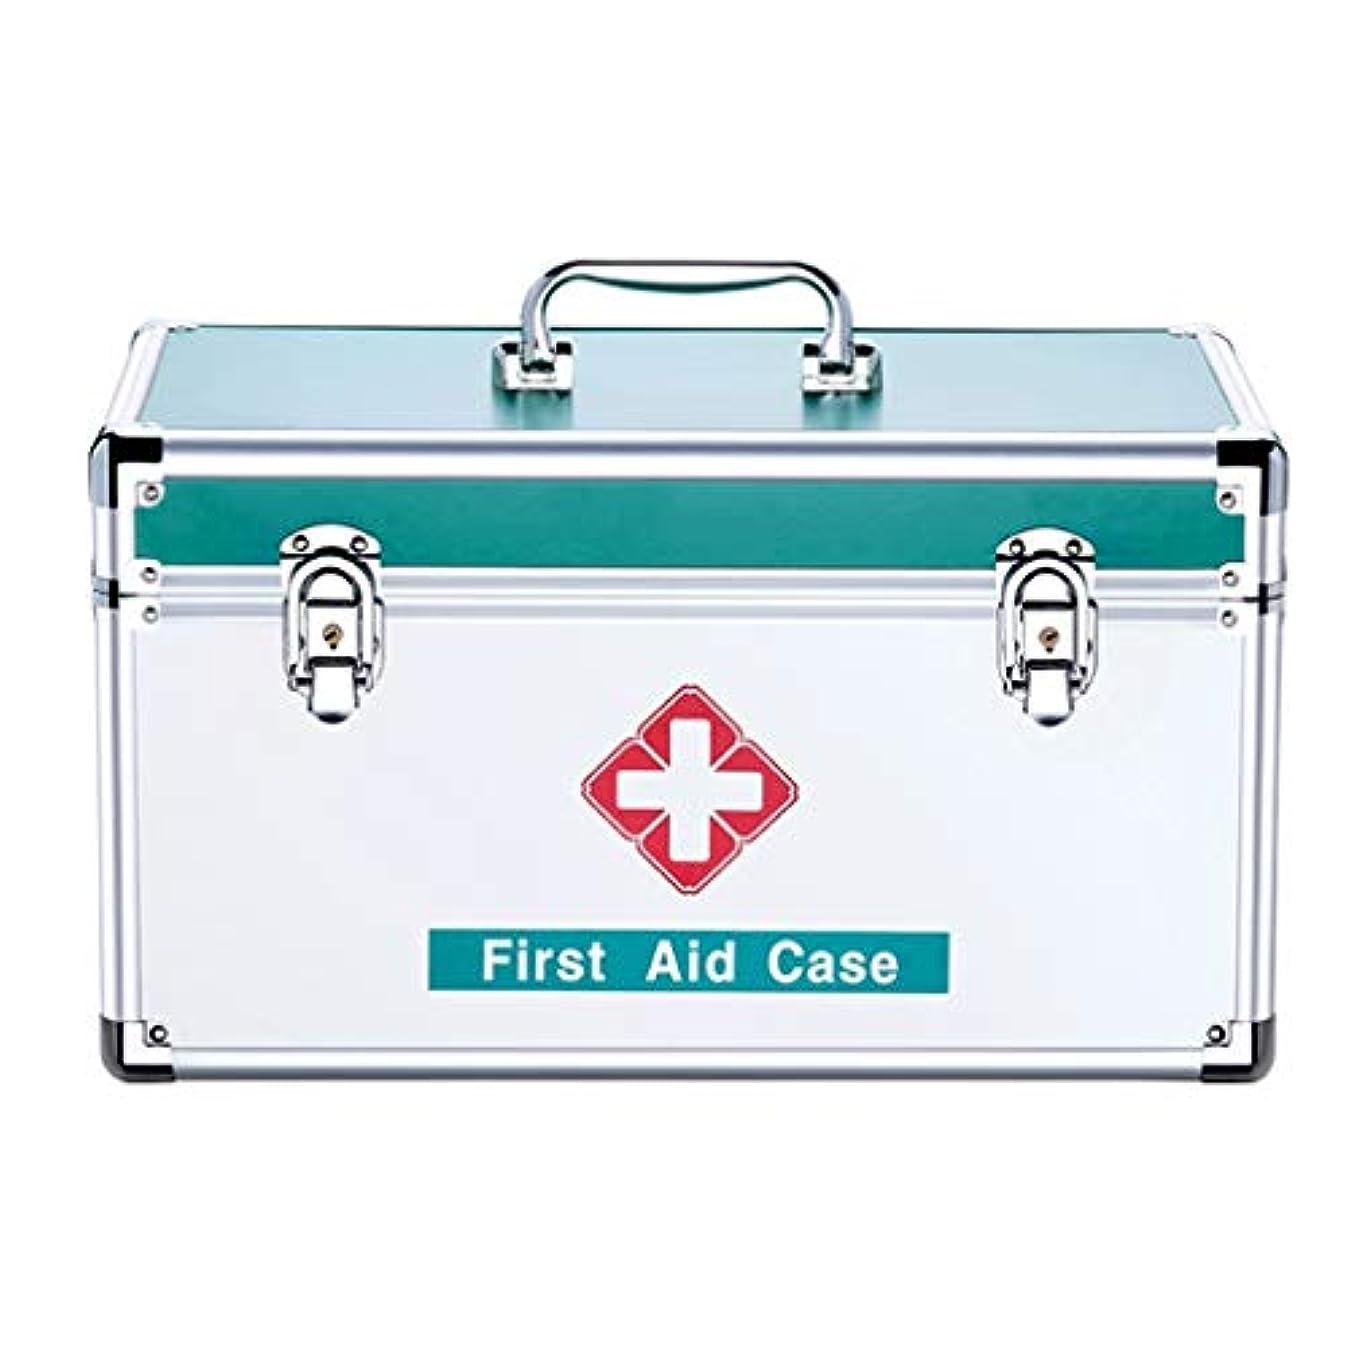 火星水分命令薬箱アルミ合金家庭用薬箱薬外来救急医療箱収納ボックス (色 : シルバー しるば゜, サイズ さいず : L35CM)